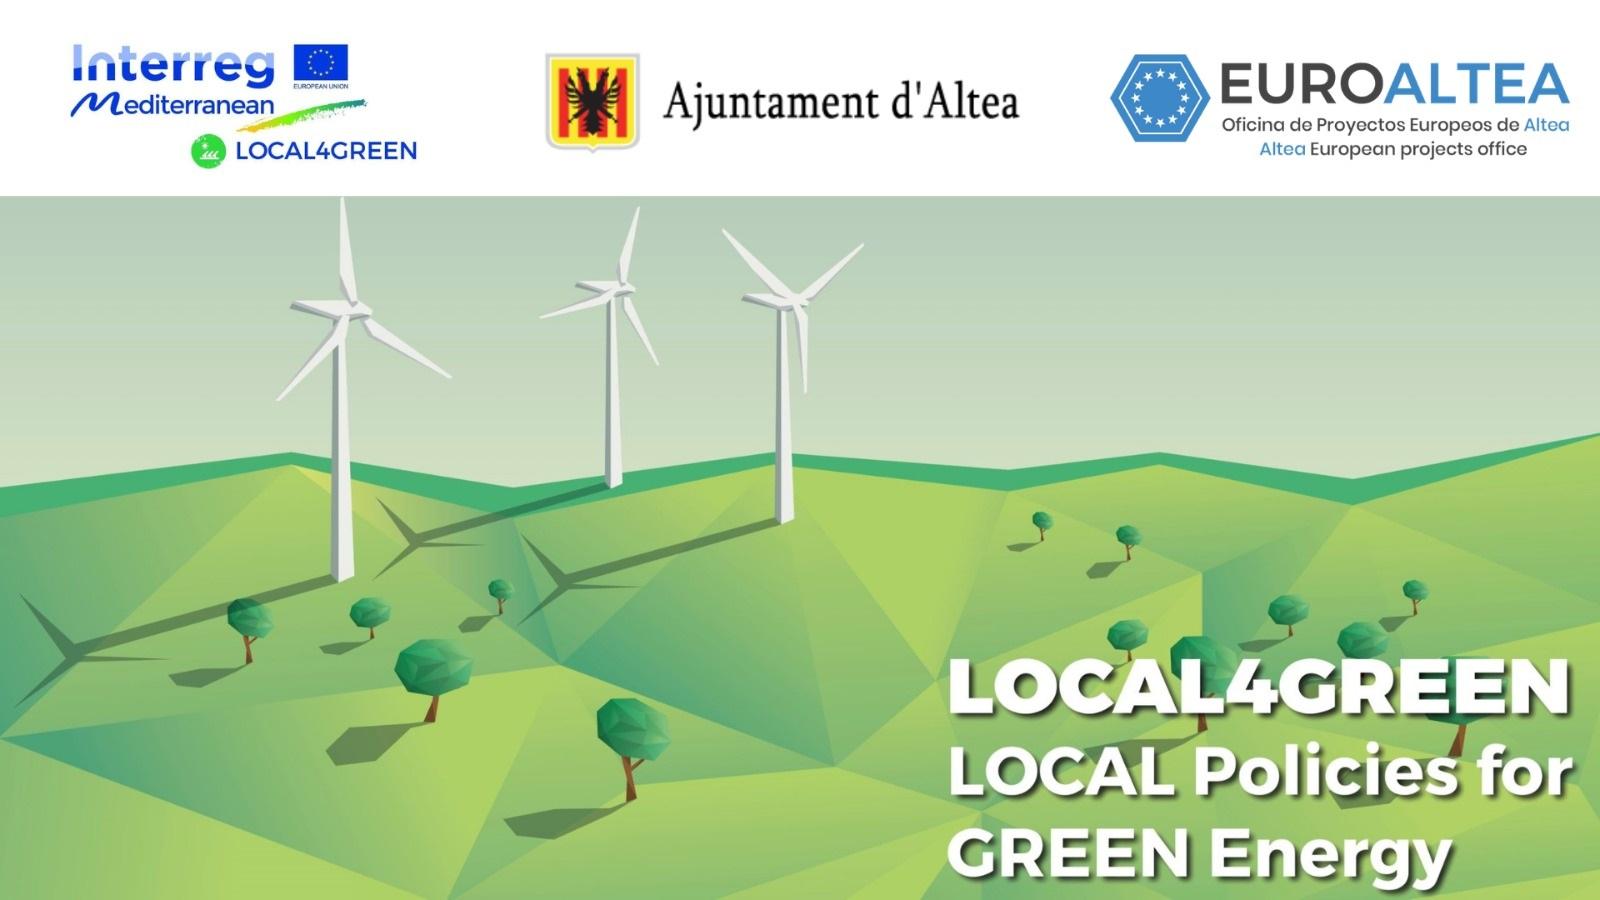 EuroAltea participa en la sessió LOCAL 4 GREEN